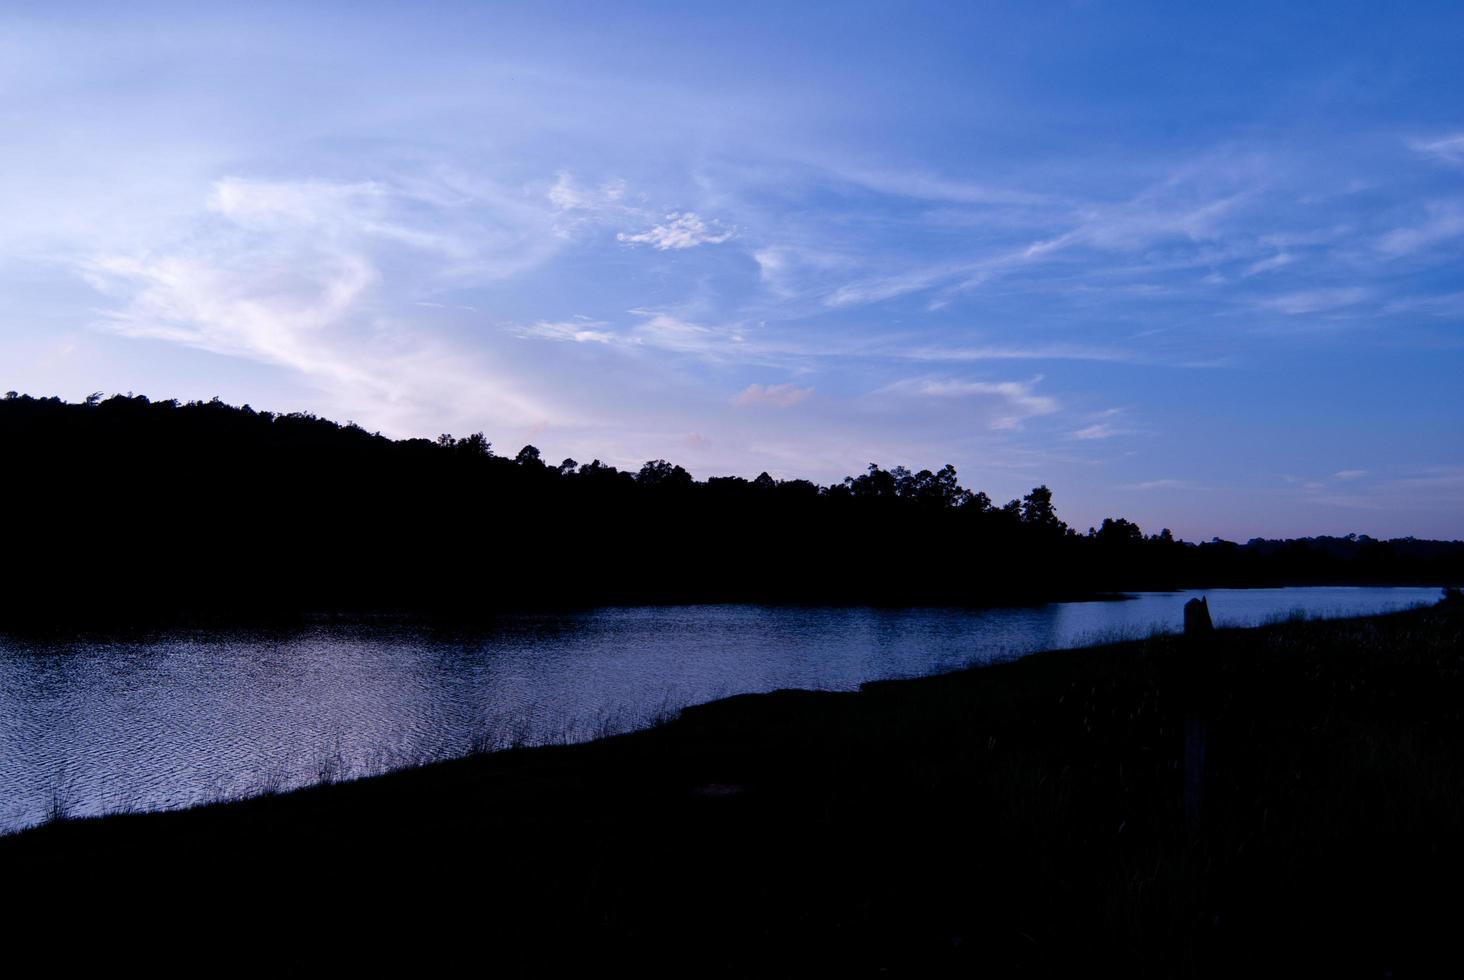 prachtig luchtlandschap met zonsondergang over de rivieroever foto